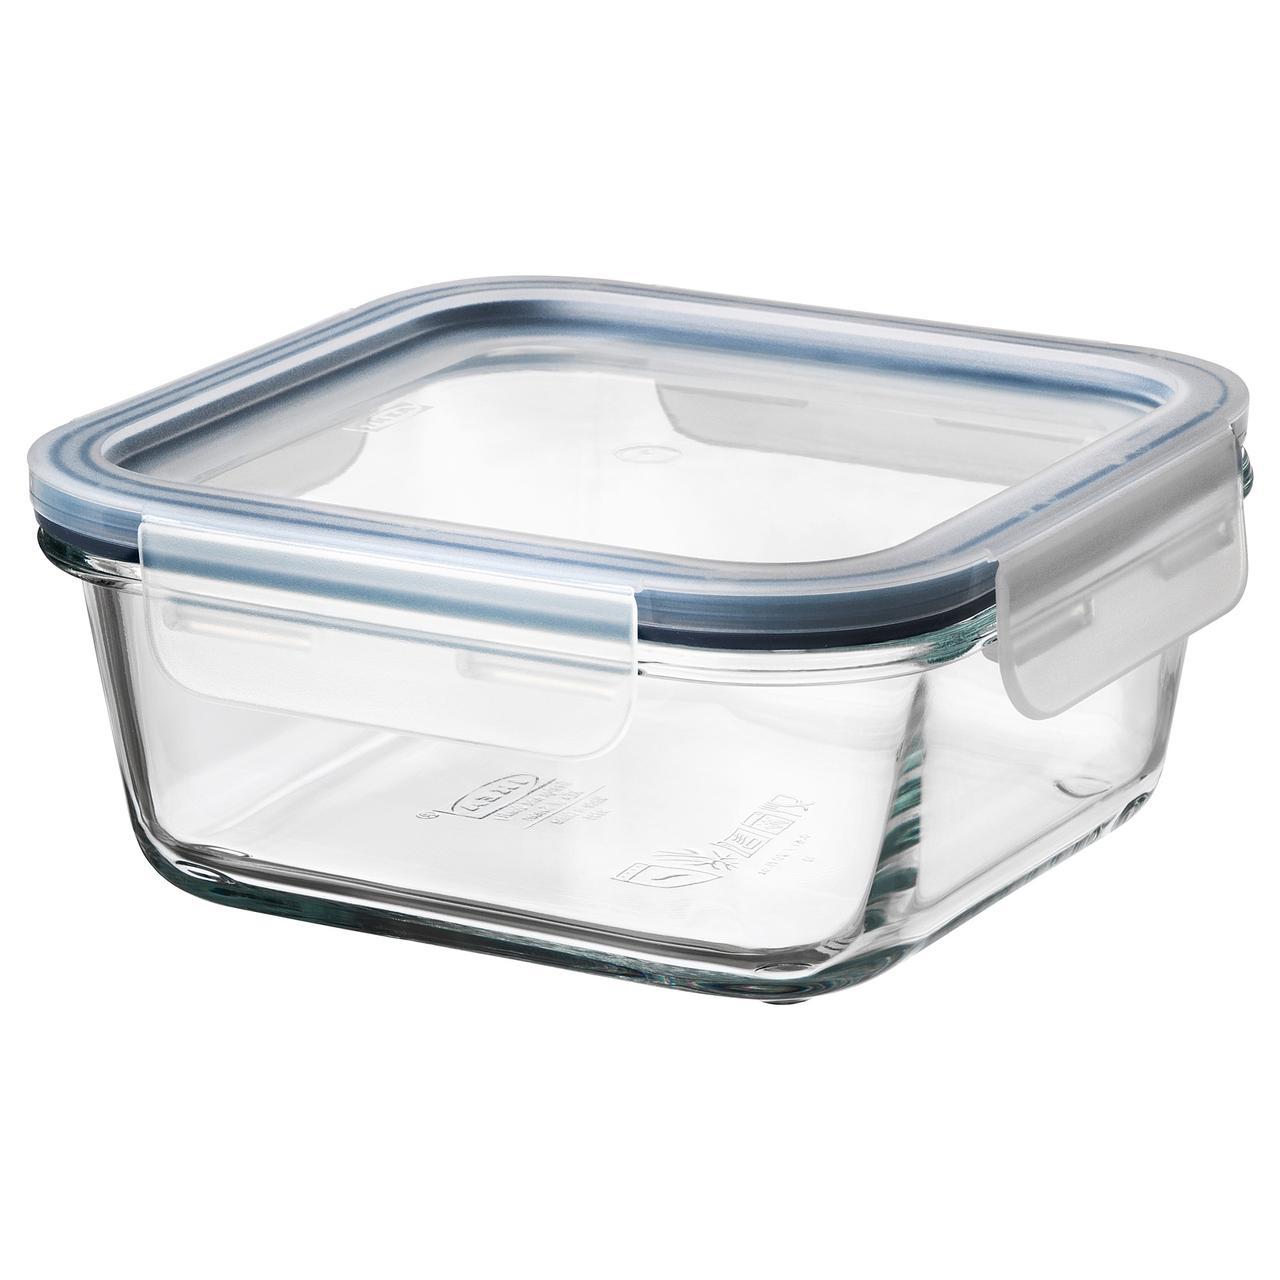 ИКЕА/365+ Контейнер для продуктов с крышкой, четырехугольной формы стекло, пластик стекло